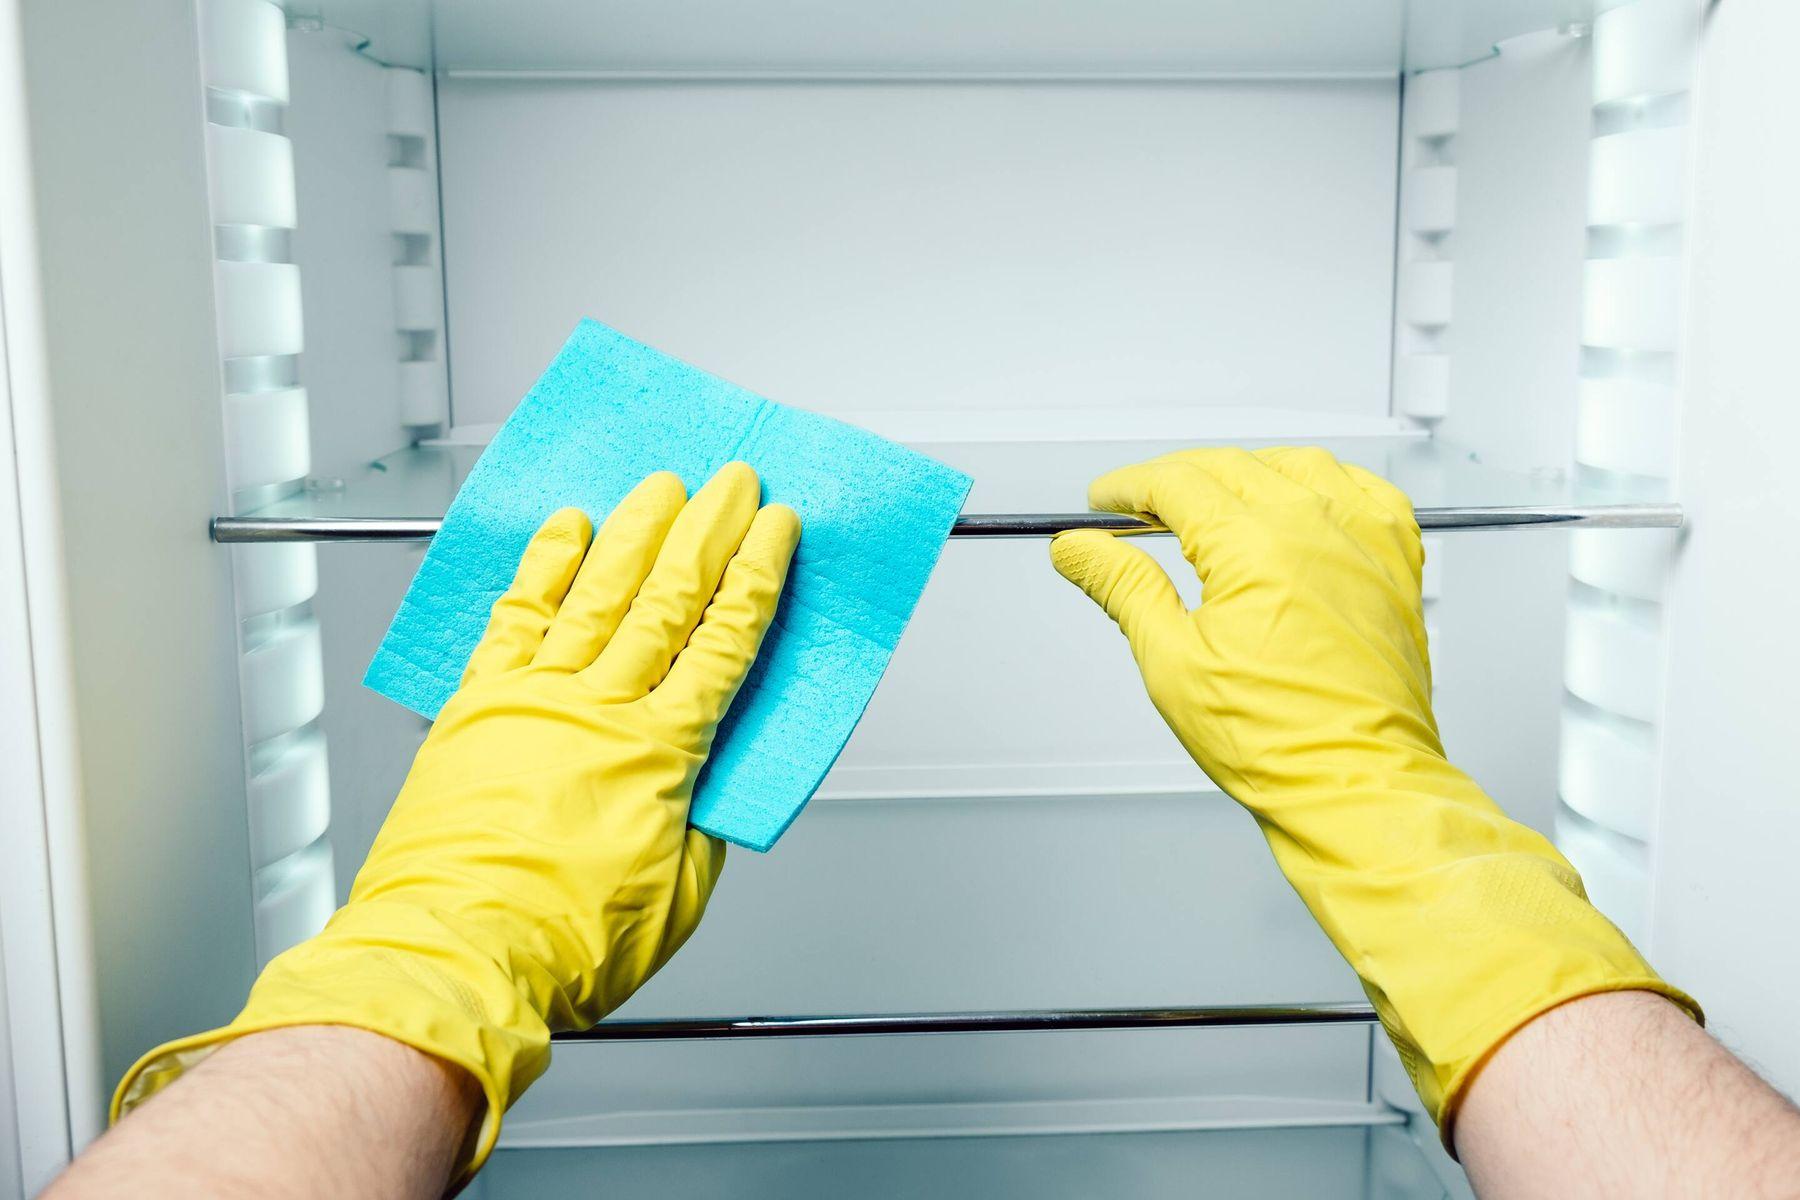 Hướng dẫn cách khử mùi ngăn đá tủ lạnh đúng cách